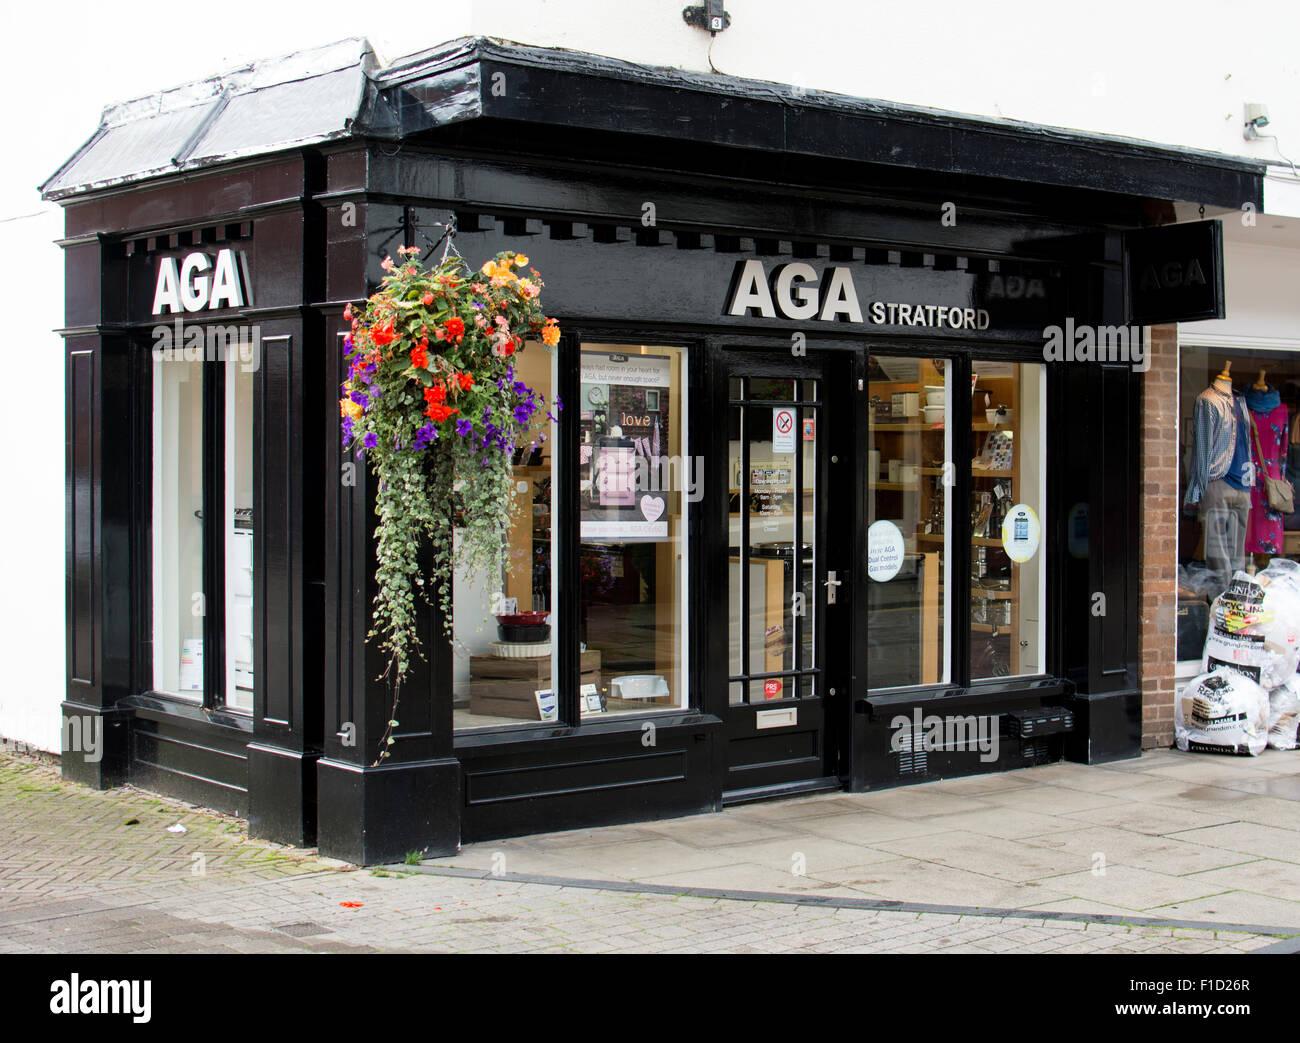 Aga shop, Stratford-upon-Avon, UK - Stock Image